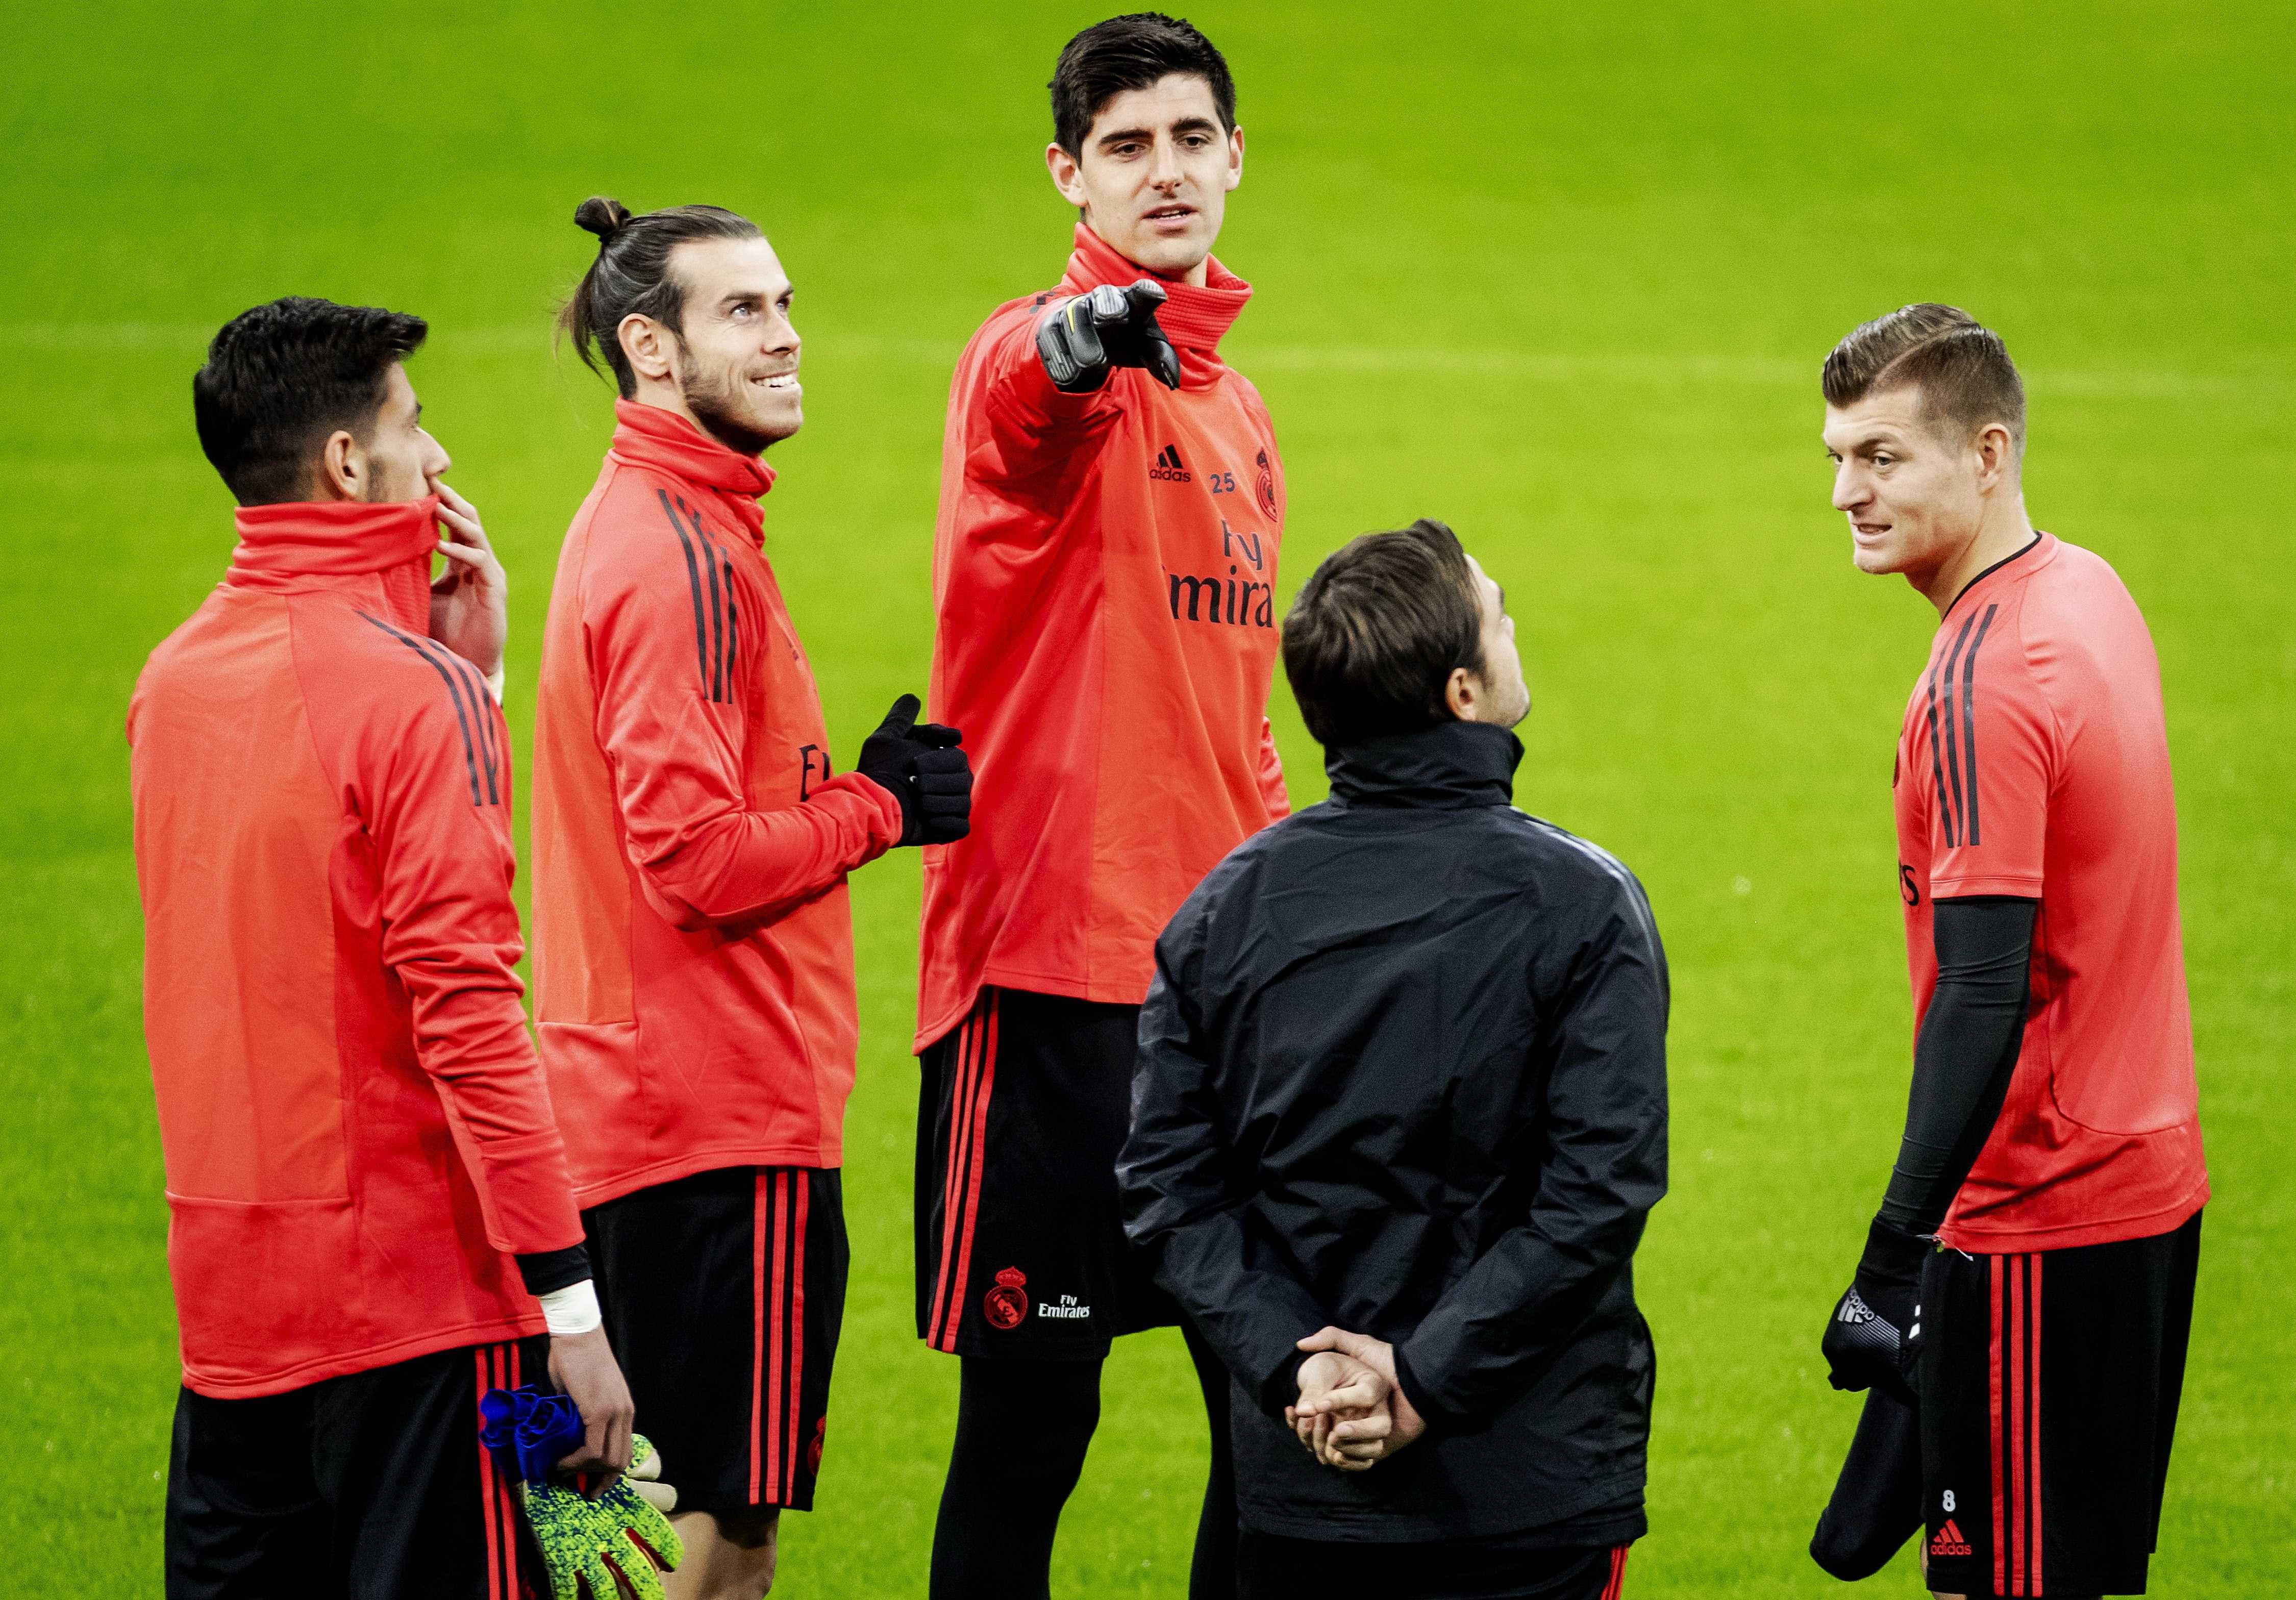 Los jugadores del Real Madrid (izq a dcha) Diego Altube, Gareth Bale, Thibaut Courtois, y Toni Kroos participan en una sesión de entrenamiento en el estadio Amsterdam Arena de Amsterdam. (Foto Prensa Libre: EFE)